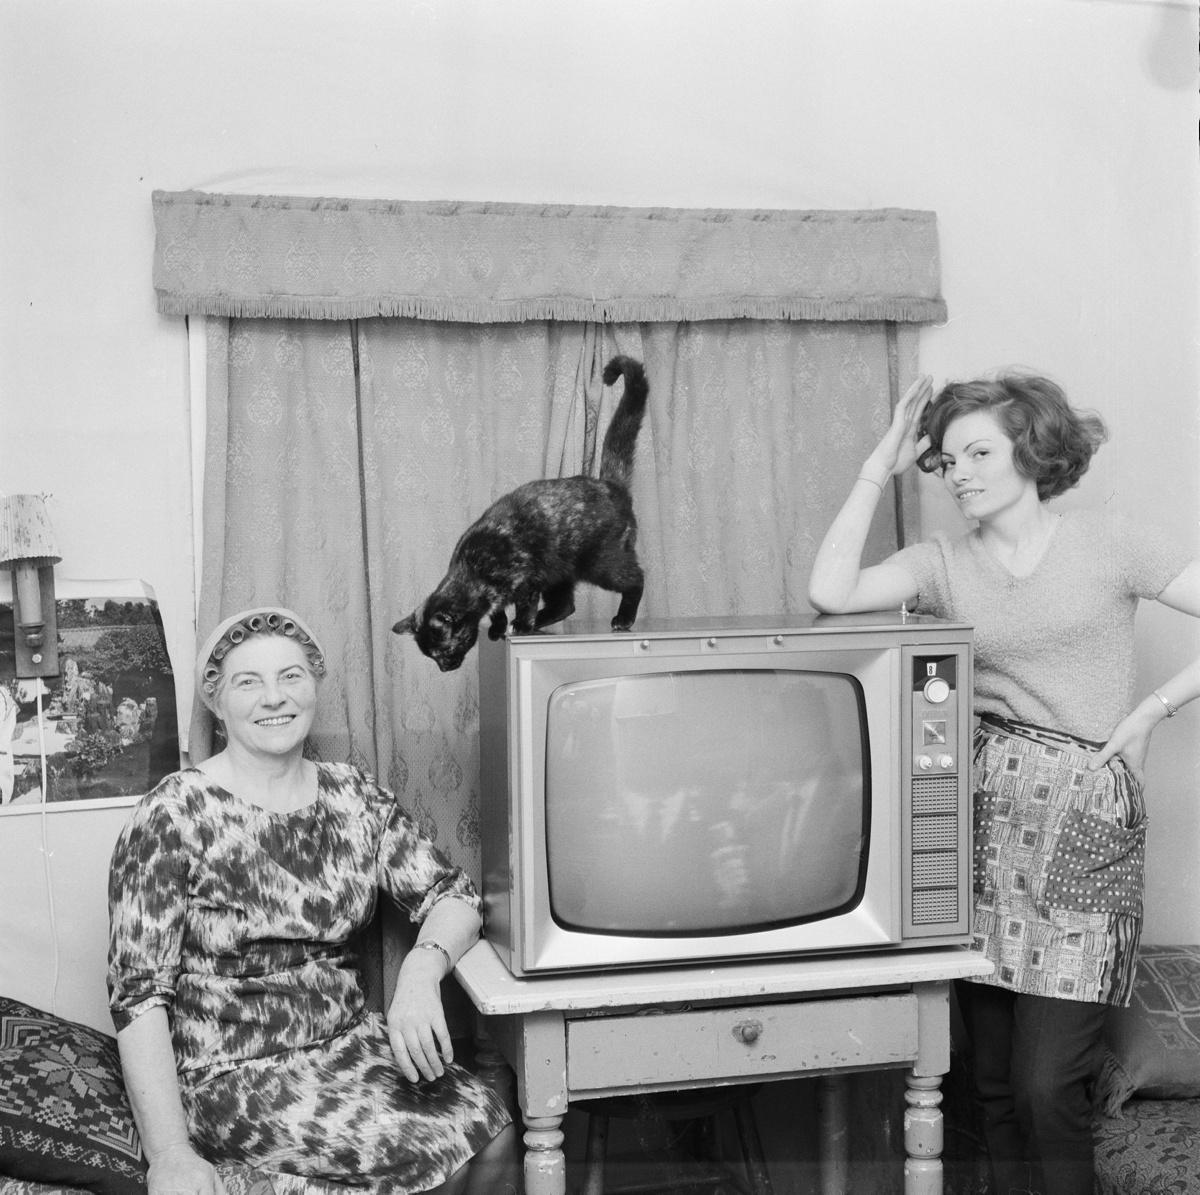 Sveinn Þormóðsson (1926-2002) Women, cat, TV, 1964.